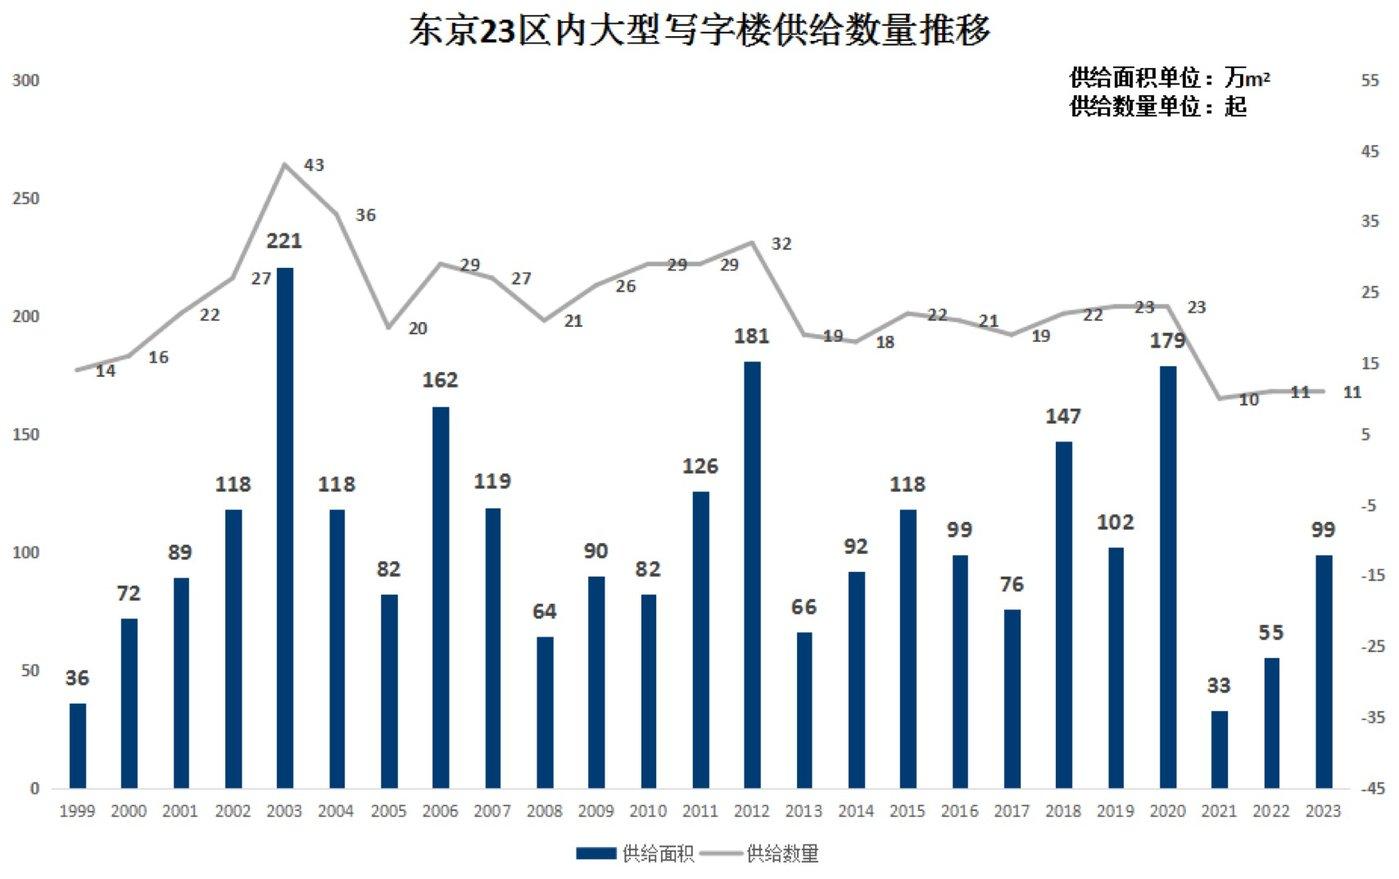 (图2:东京23区内大型写字楼供给数量推移。数据来源:《東京23区の大規模オフィスビル供給量調査》 ,日本MORITRUST。图表为钛媒体驻日研究员整理)